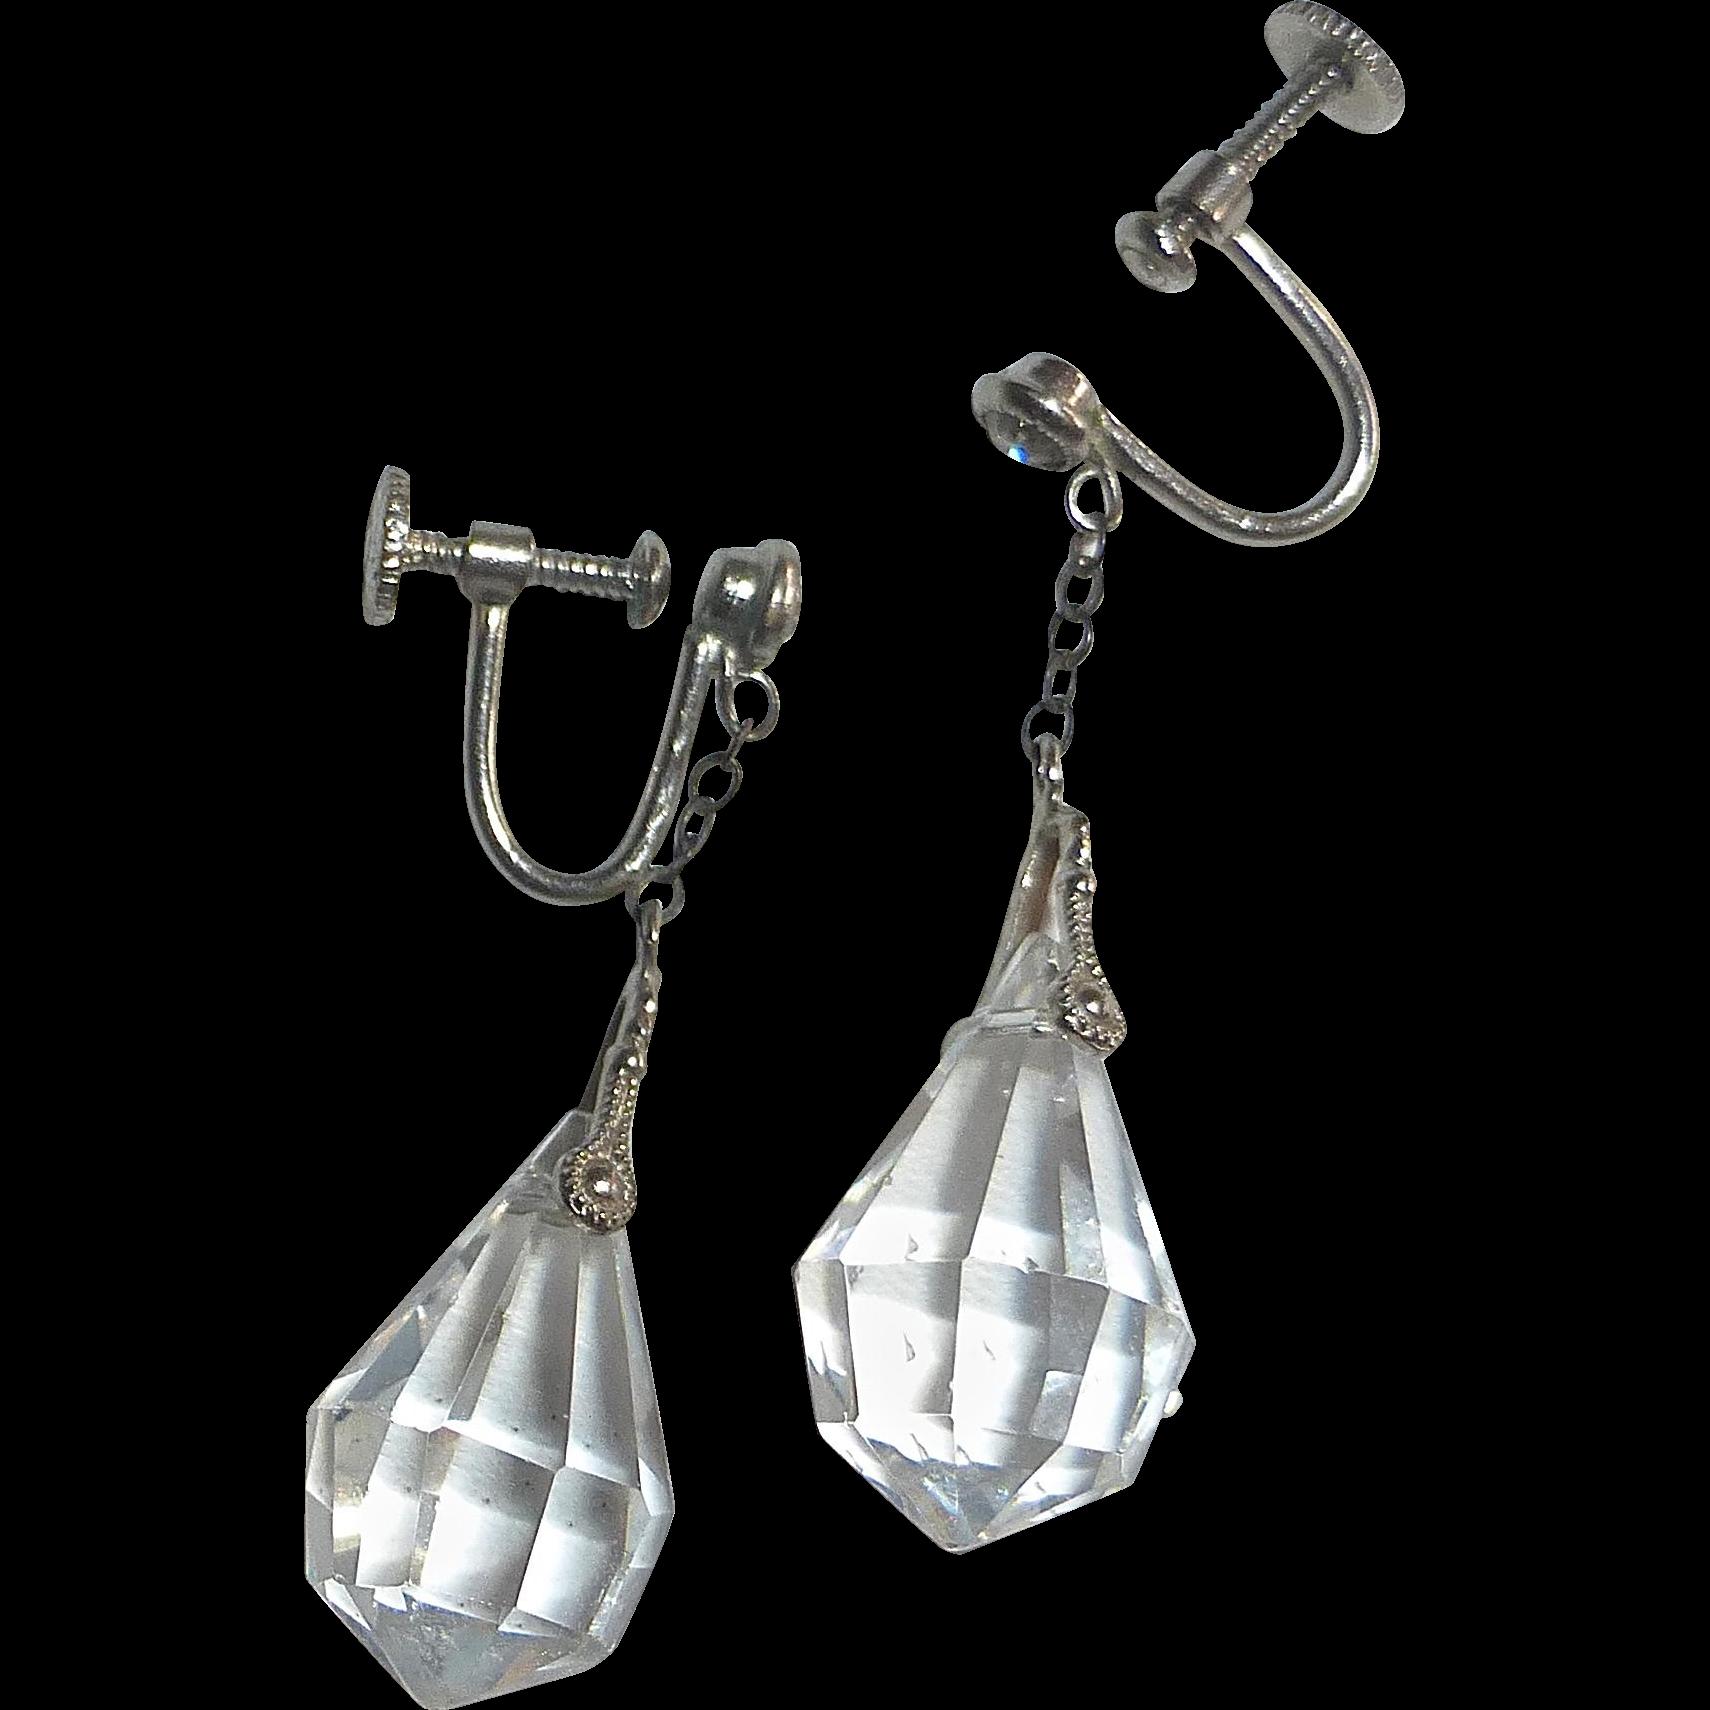 Art Deco Faceted Crystal Teardrop Czech Earrings